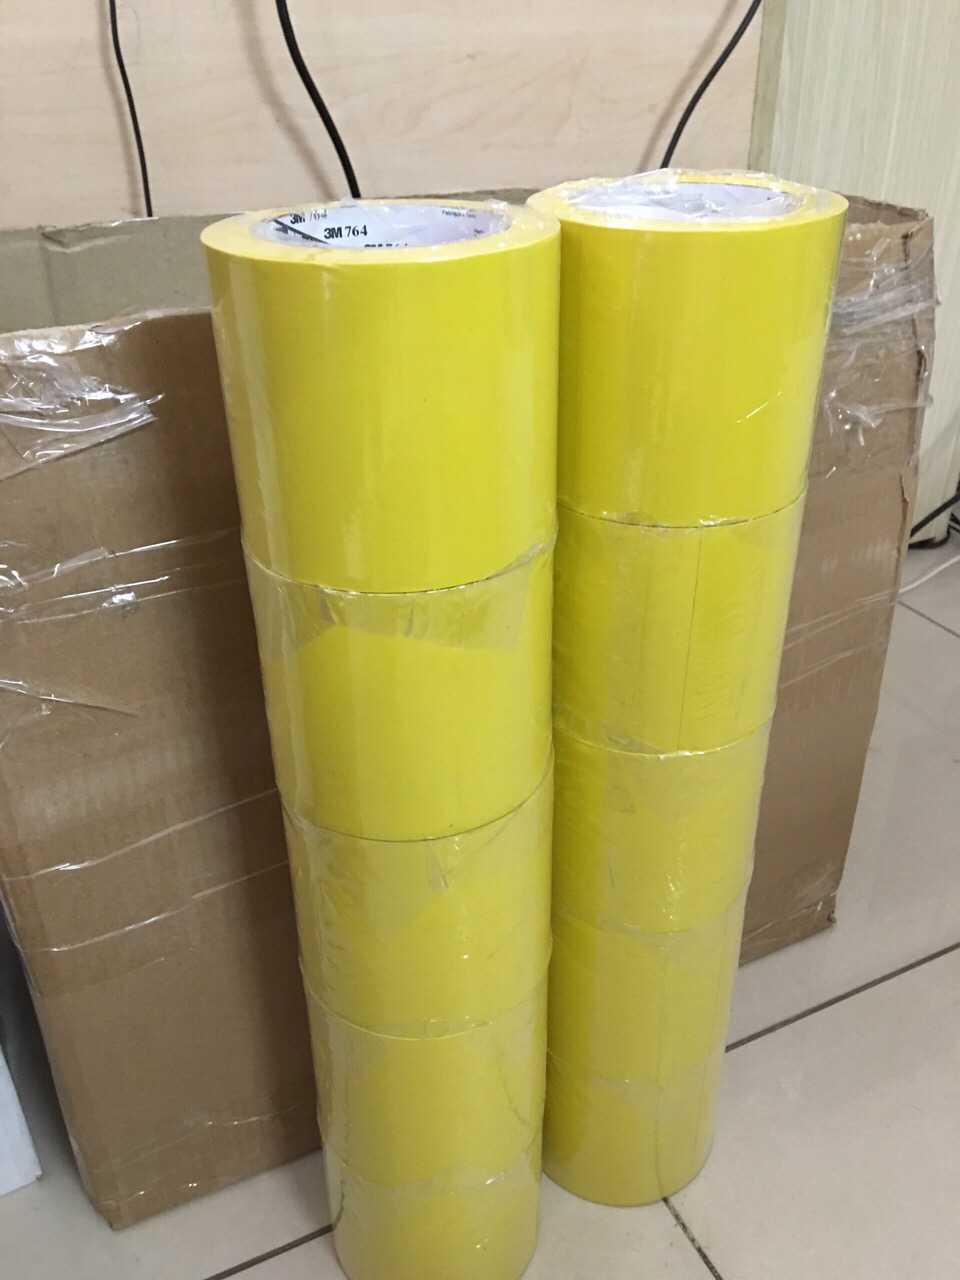 Keo Dán Nền Màu Vàng 3M 764